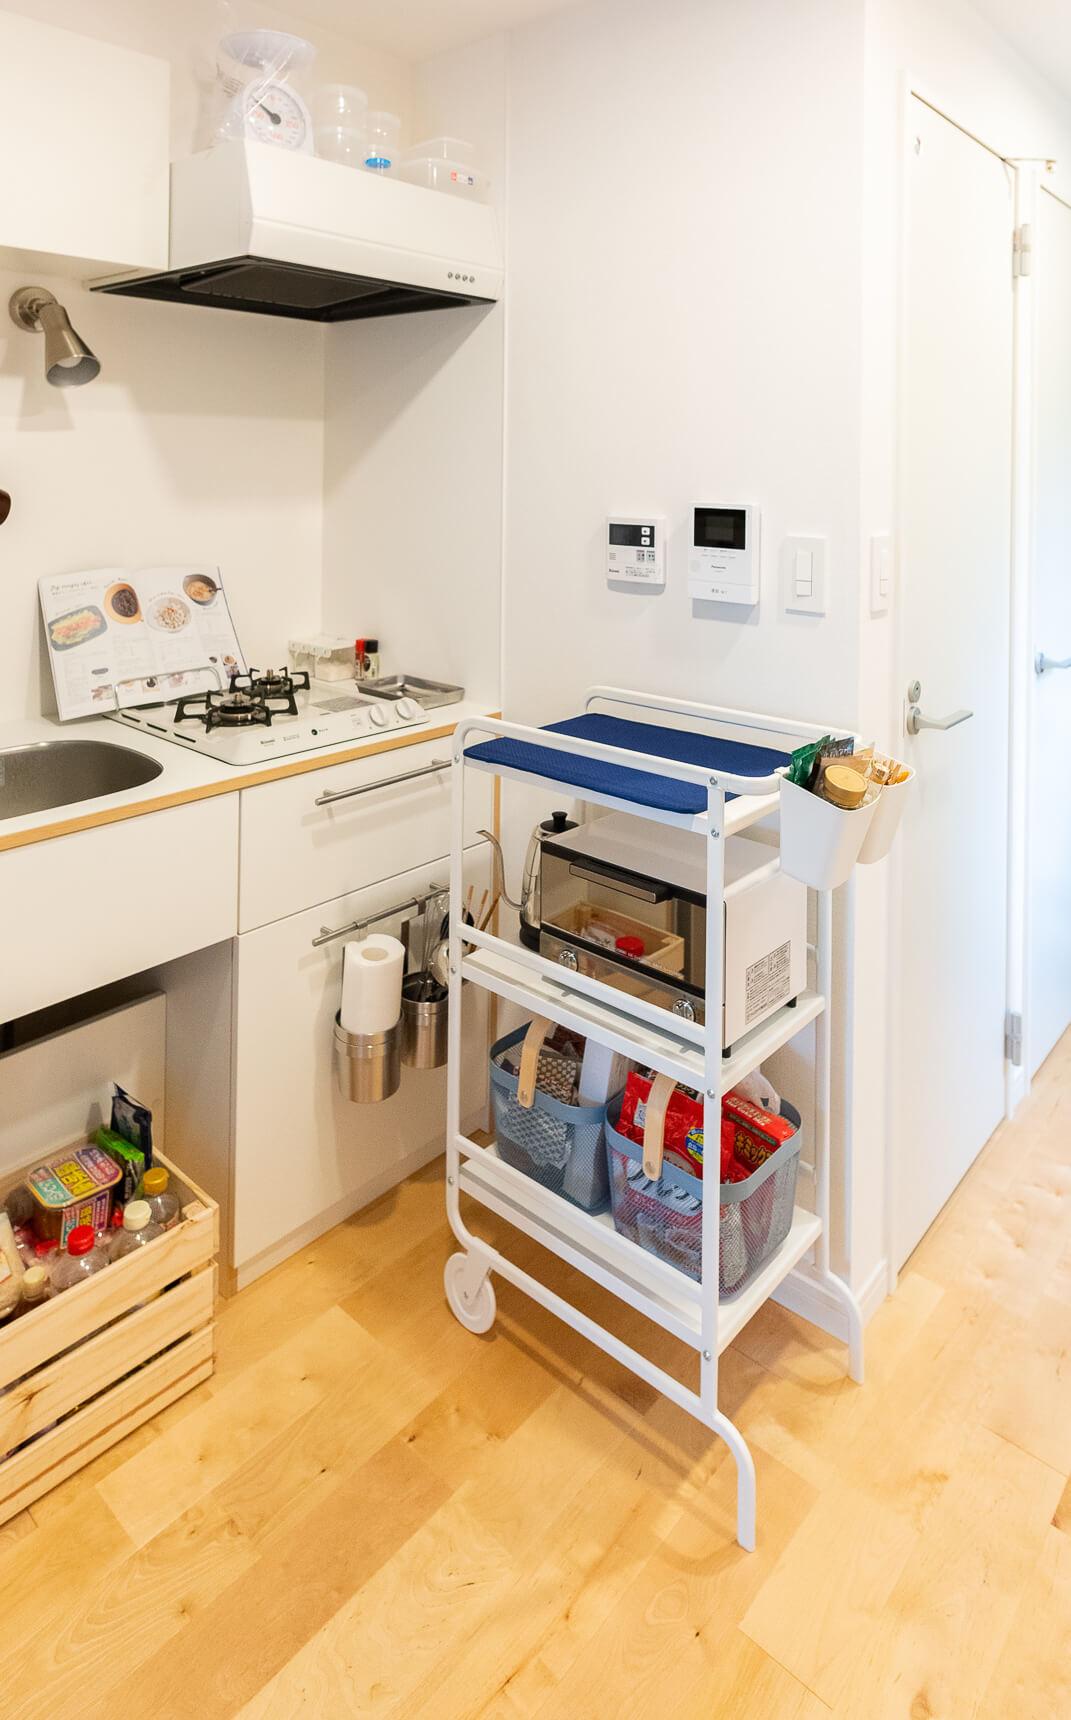 IKEAのキッチンワゴン、SUNNERSTAは、キッチンとほぼ高さが同じで食器の一時置き場やストック食材の置き場にもぴったりです。(このお部屋はこちら)